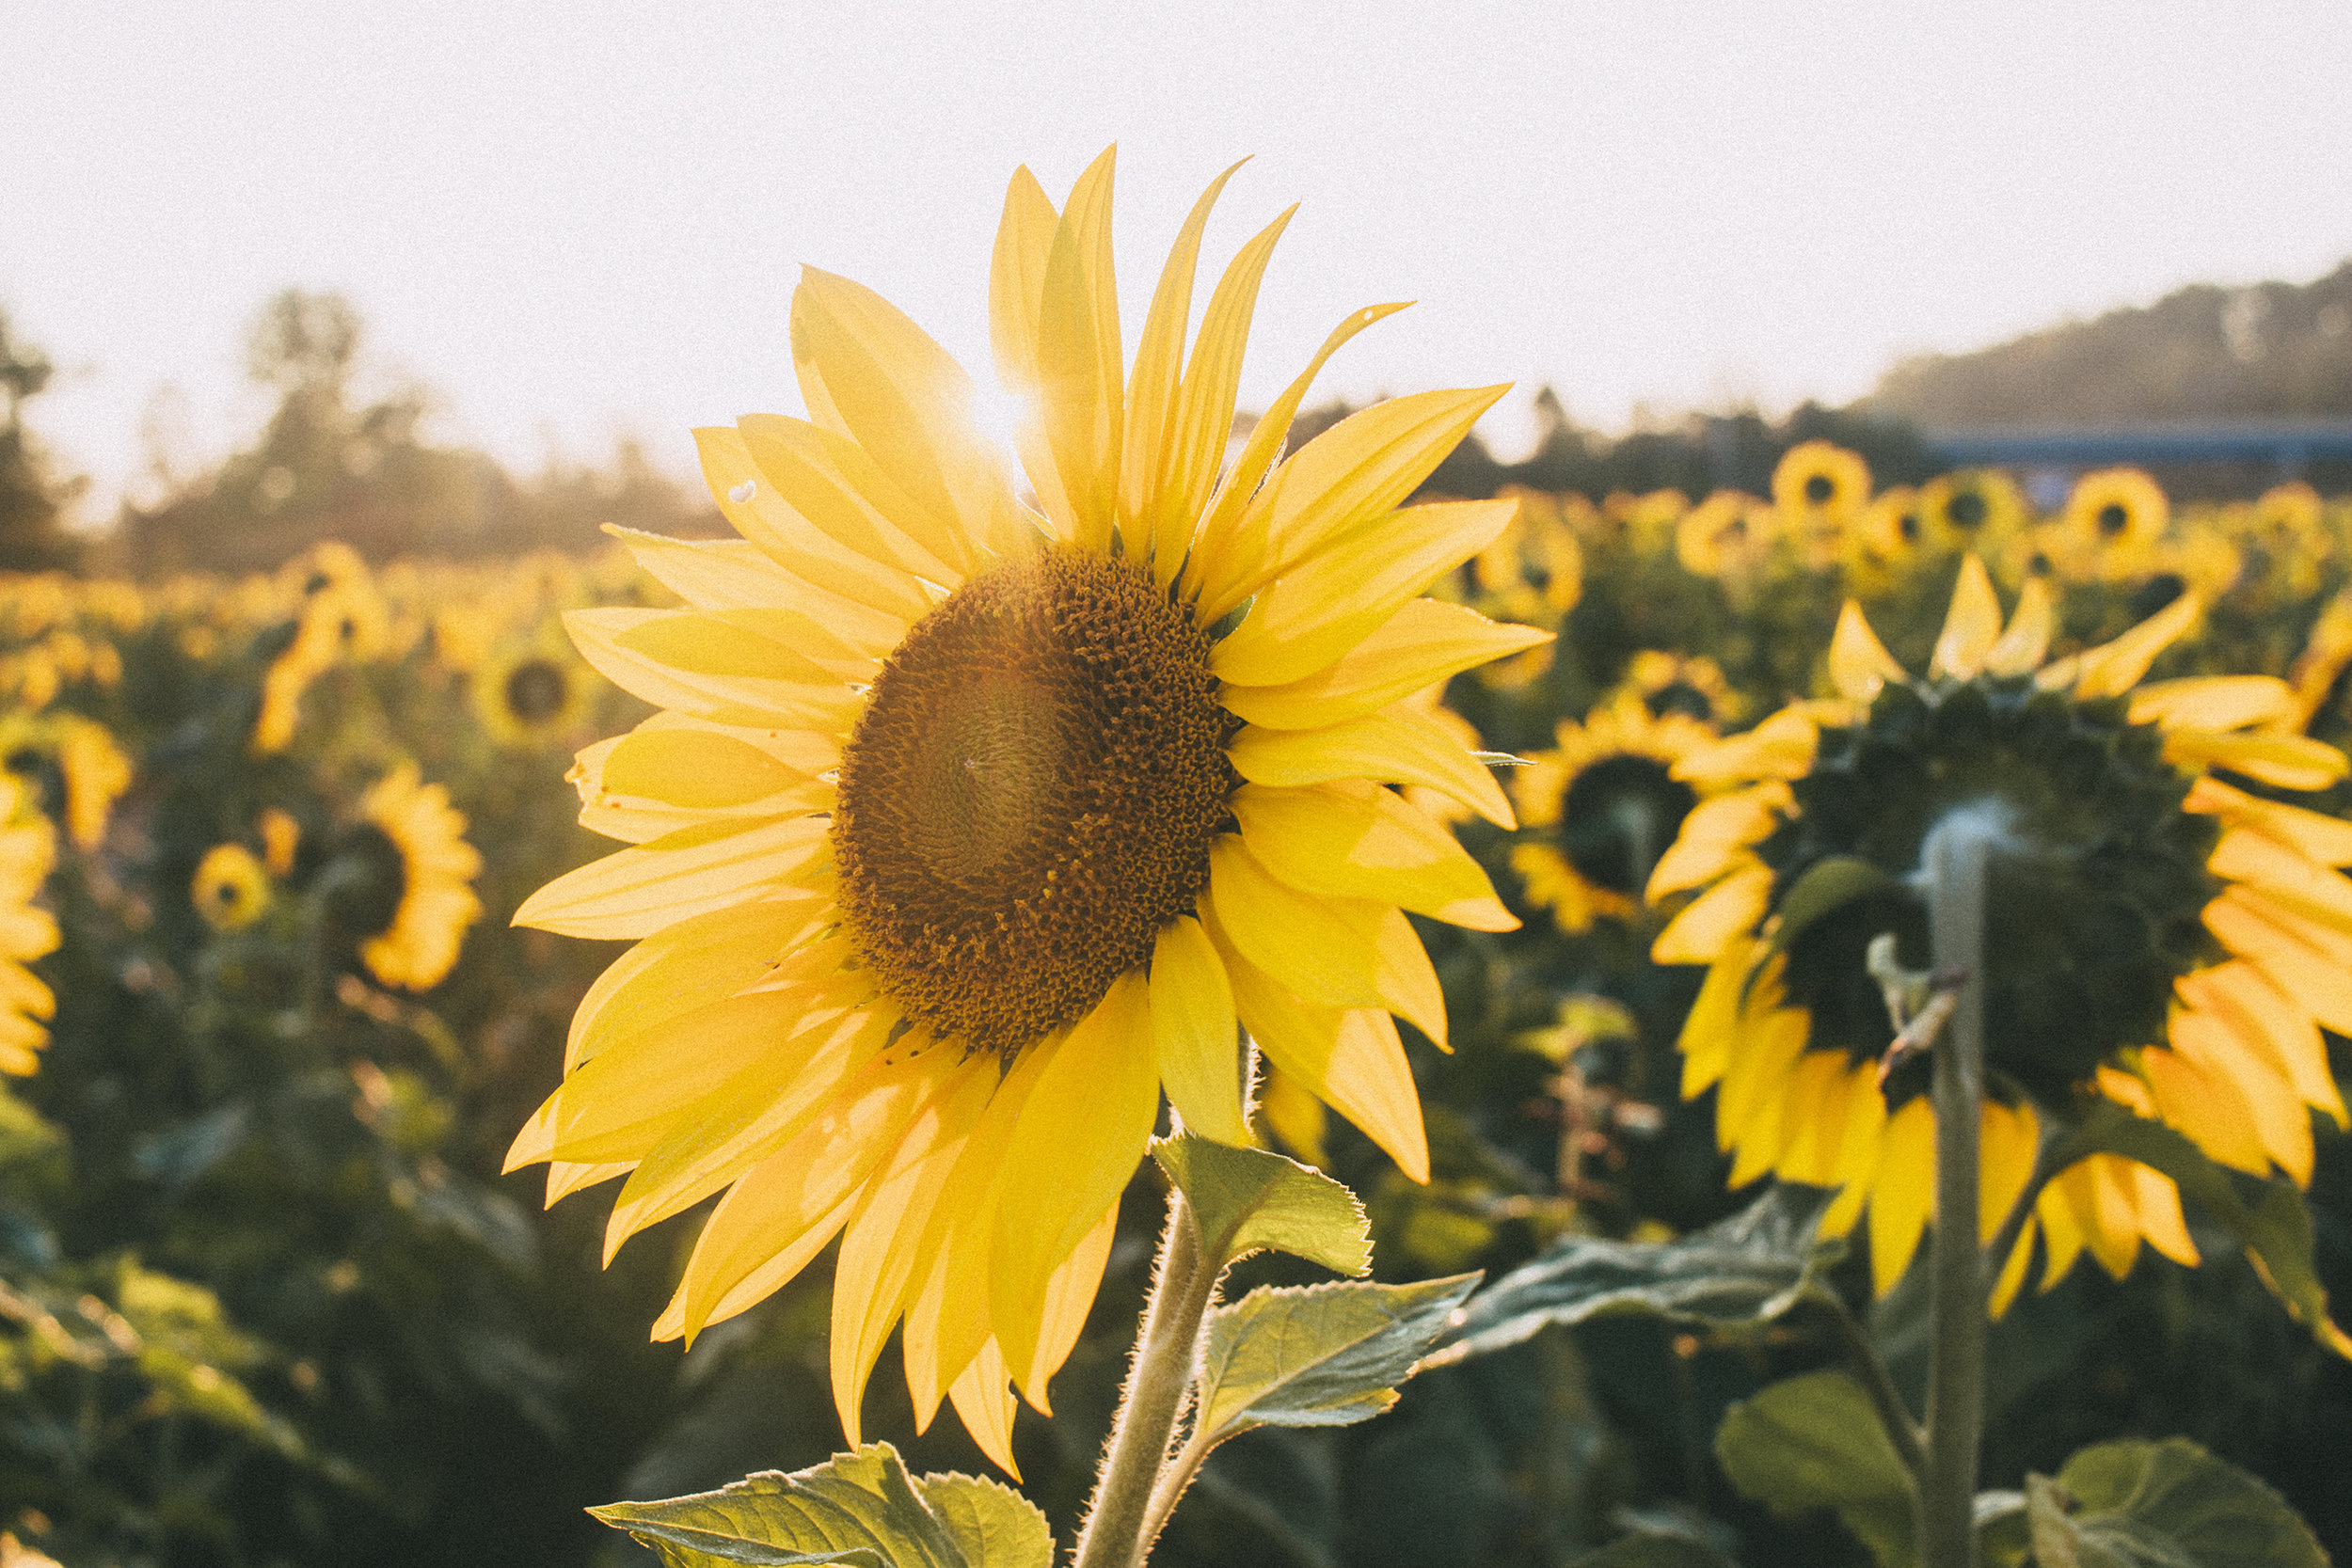 AvonOHSunflowers_09232017_177.jpg